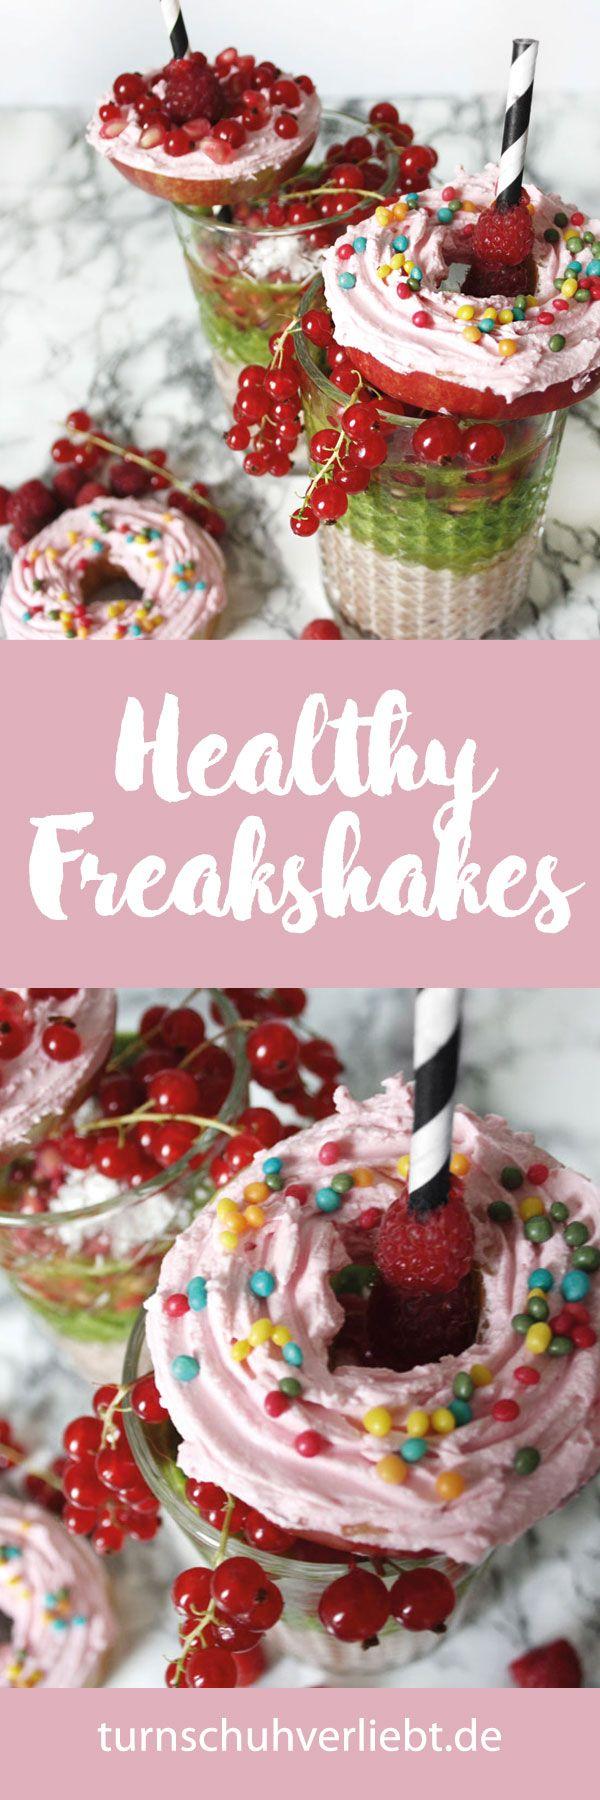 Freakshakes sind einer der Sommertrends, doch warum immer mit Zucker und vielen Kalorien? Auf meinem Fitnessblog turnschuhverliebt.de findet ihr ein Rezept für leckere healthy Freakshakes. Viel Spaß beim Ausprobieren! http://turnschuhverliebt.de/healthy-freakshakes-apfel-donuts-sommertrends-mit-pinterest/